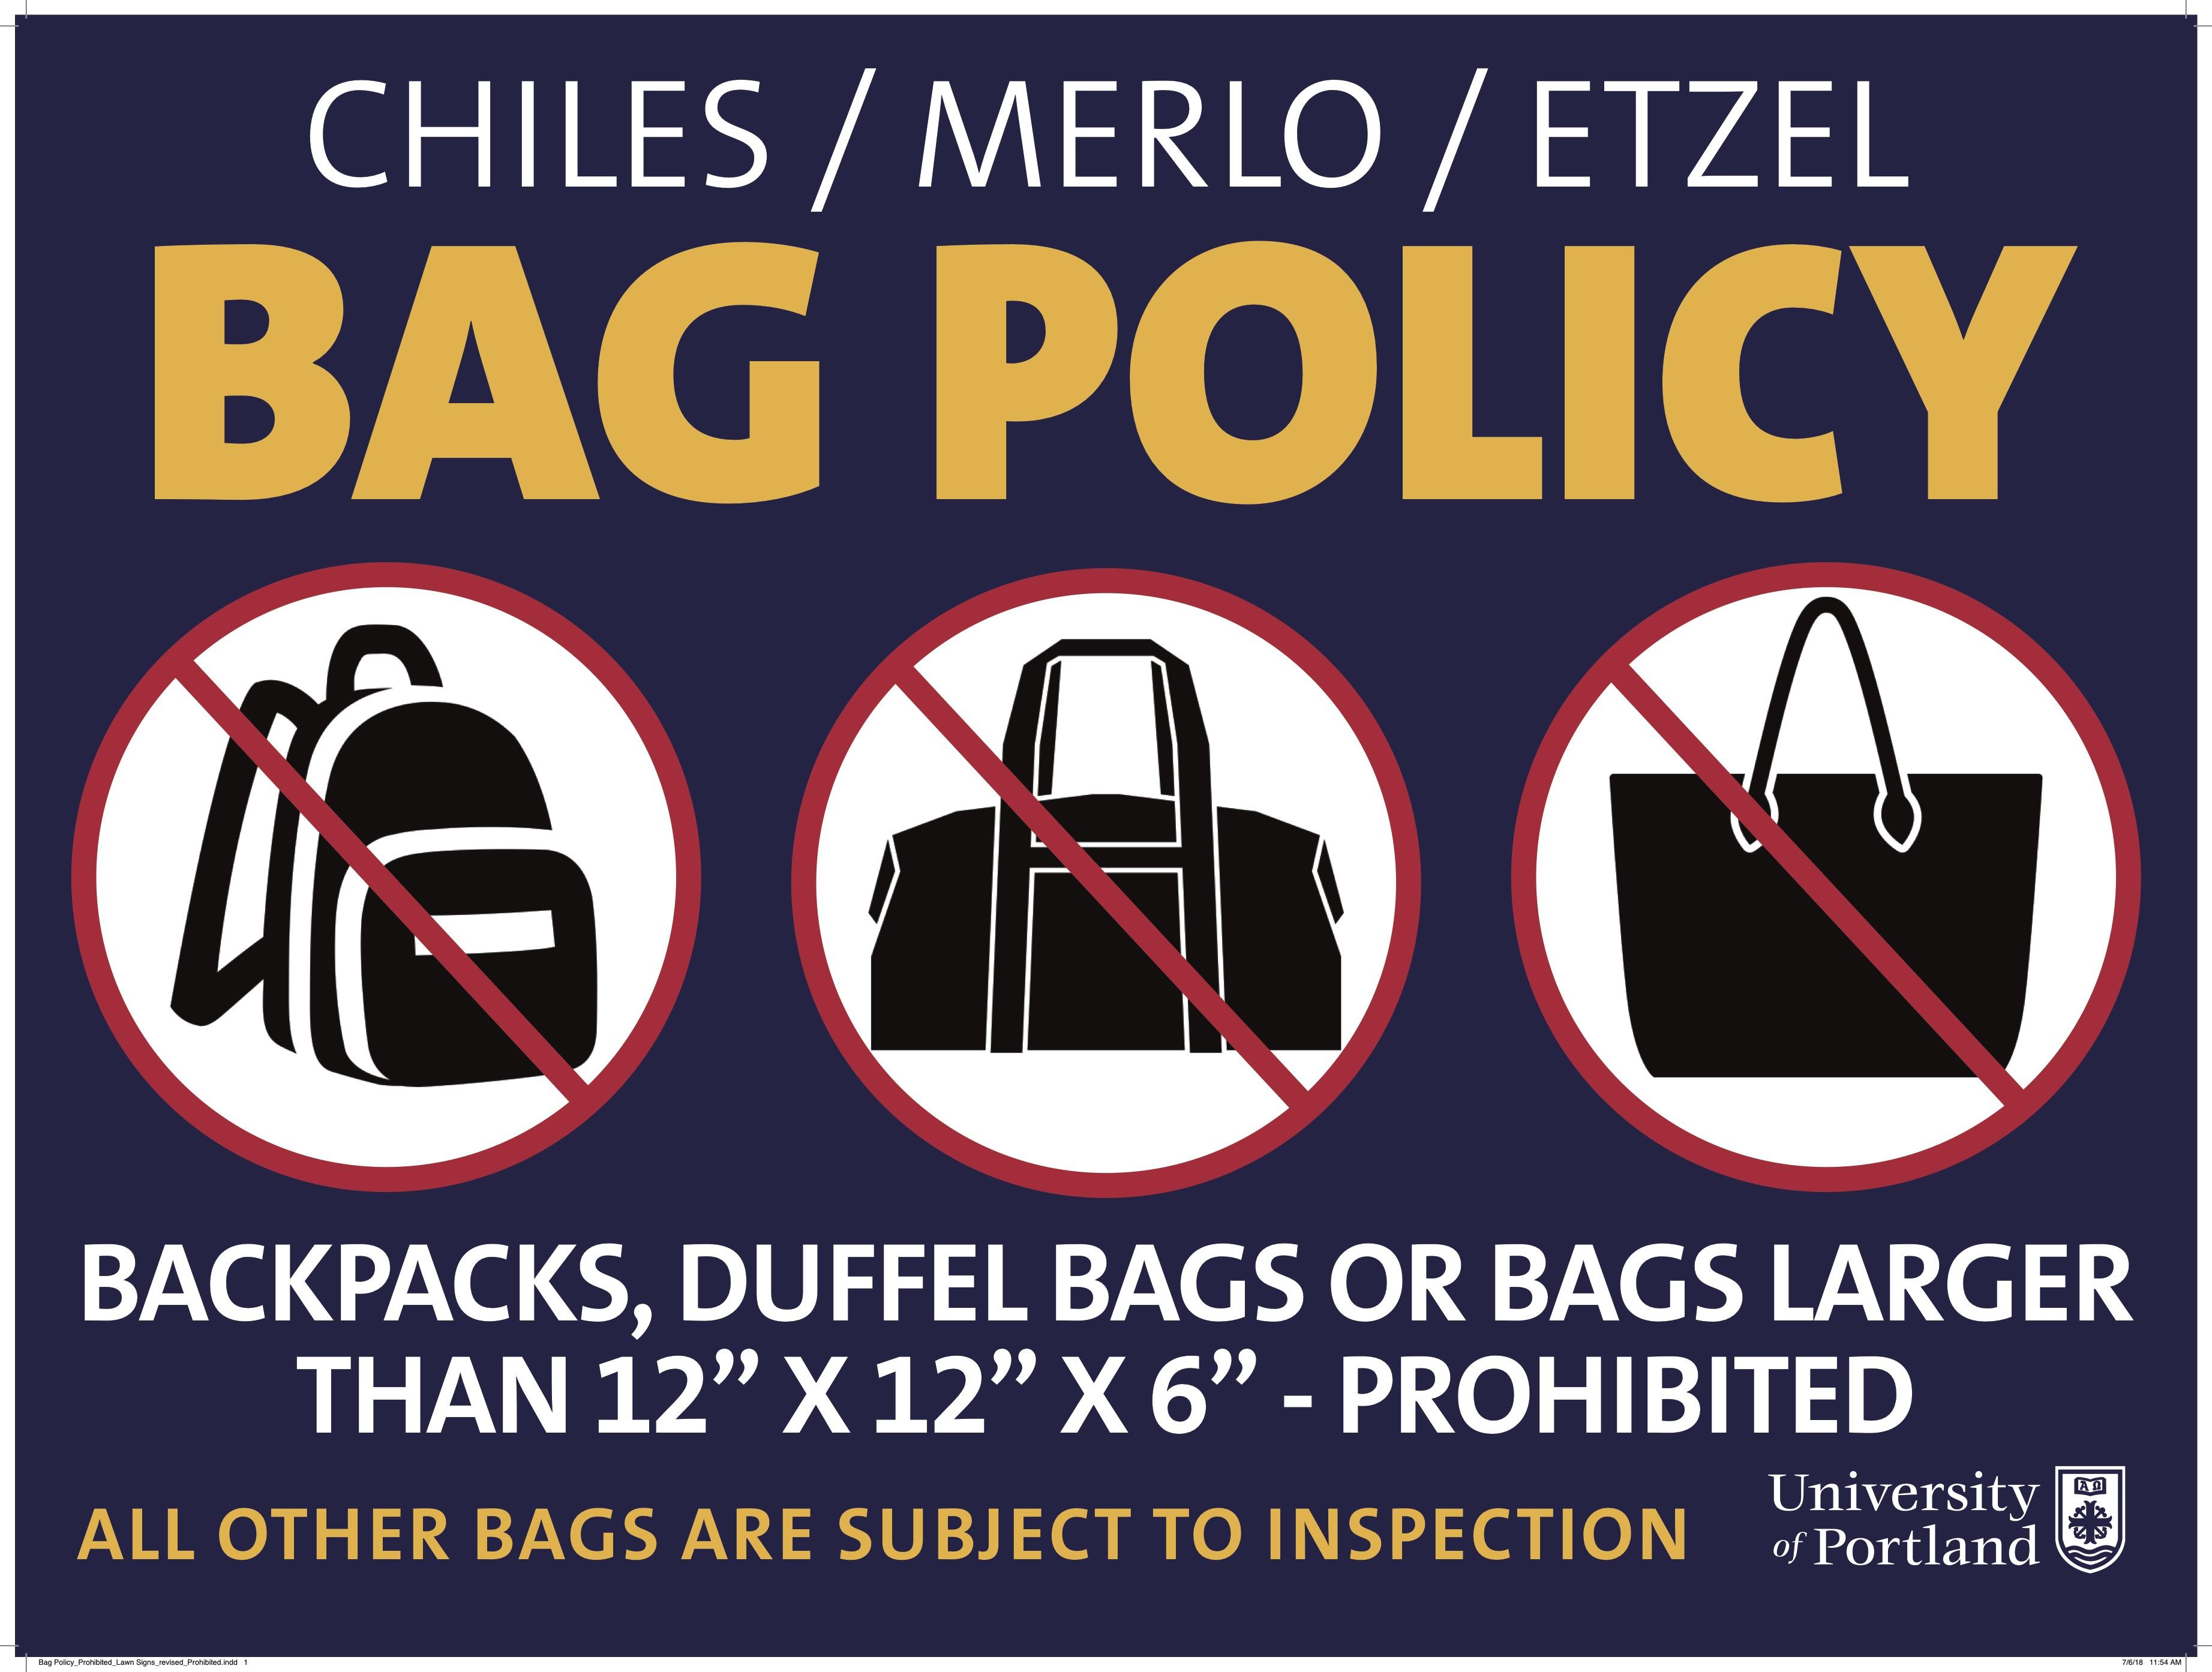 bag policy image